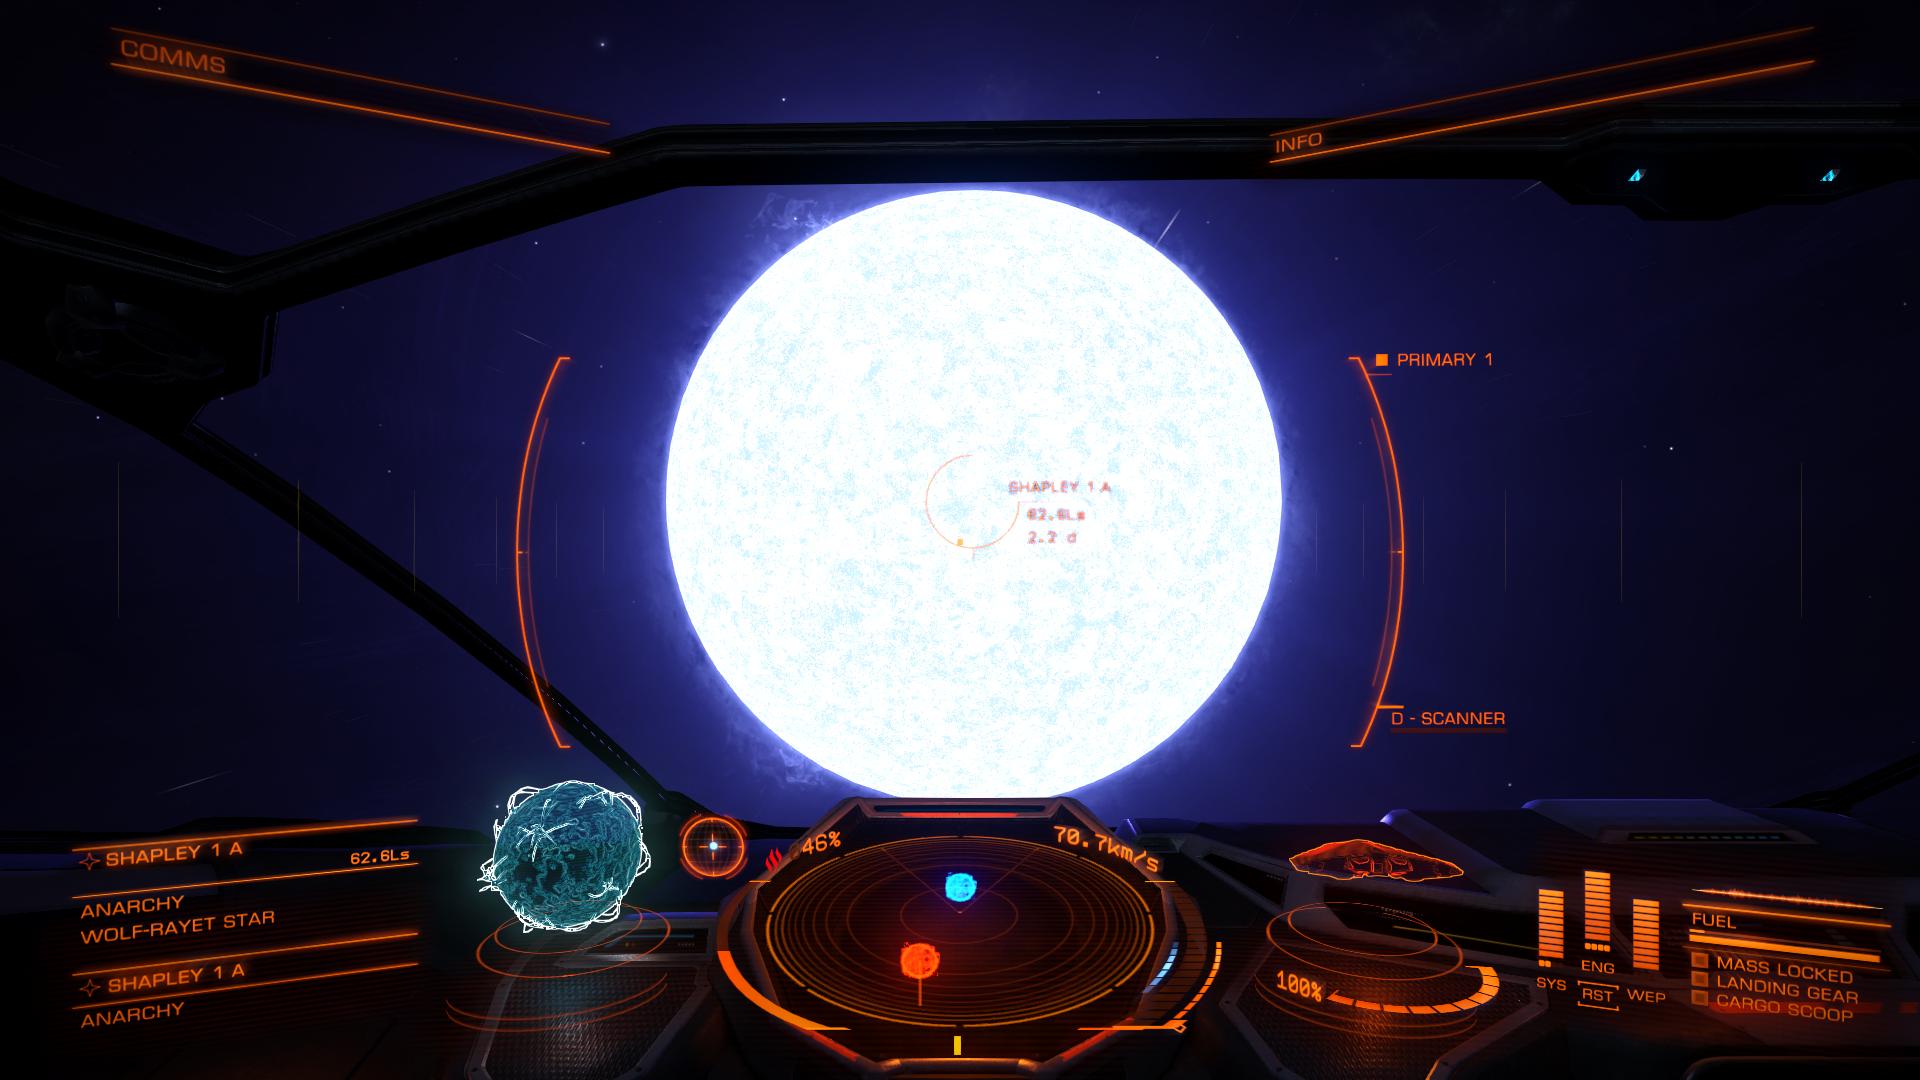 Звезда Вольфа-Райе из космического корабля (симулятор Elite)